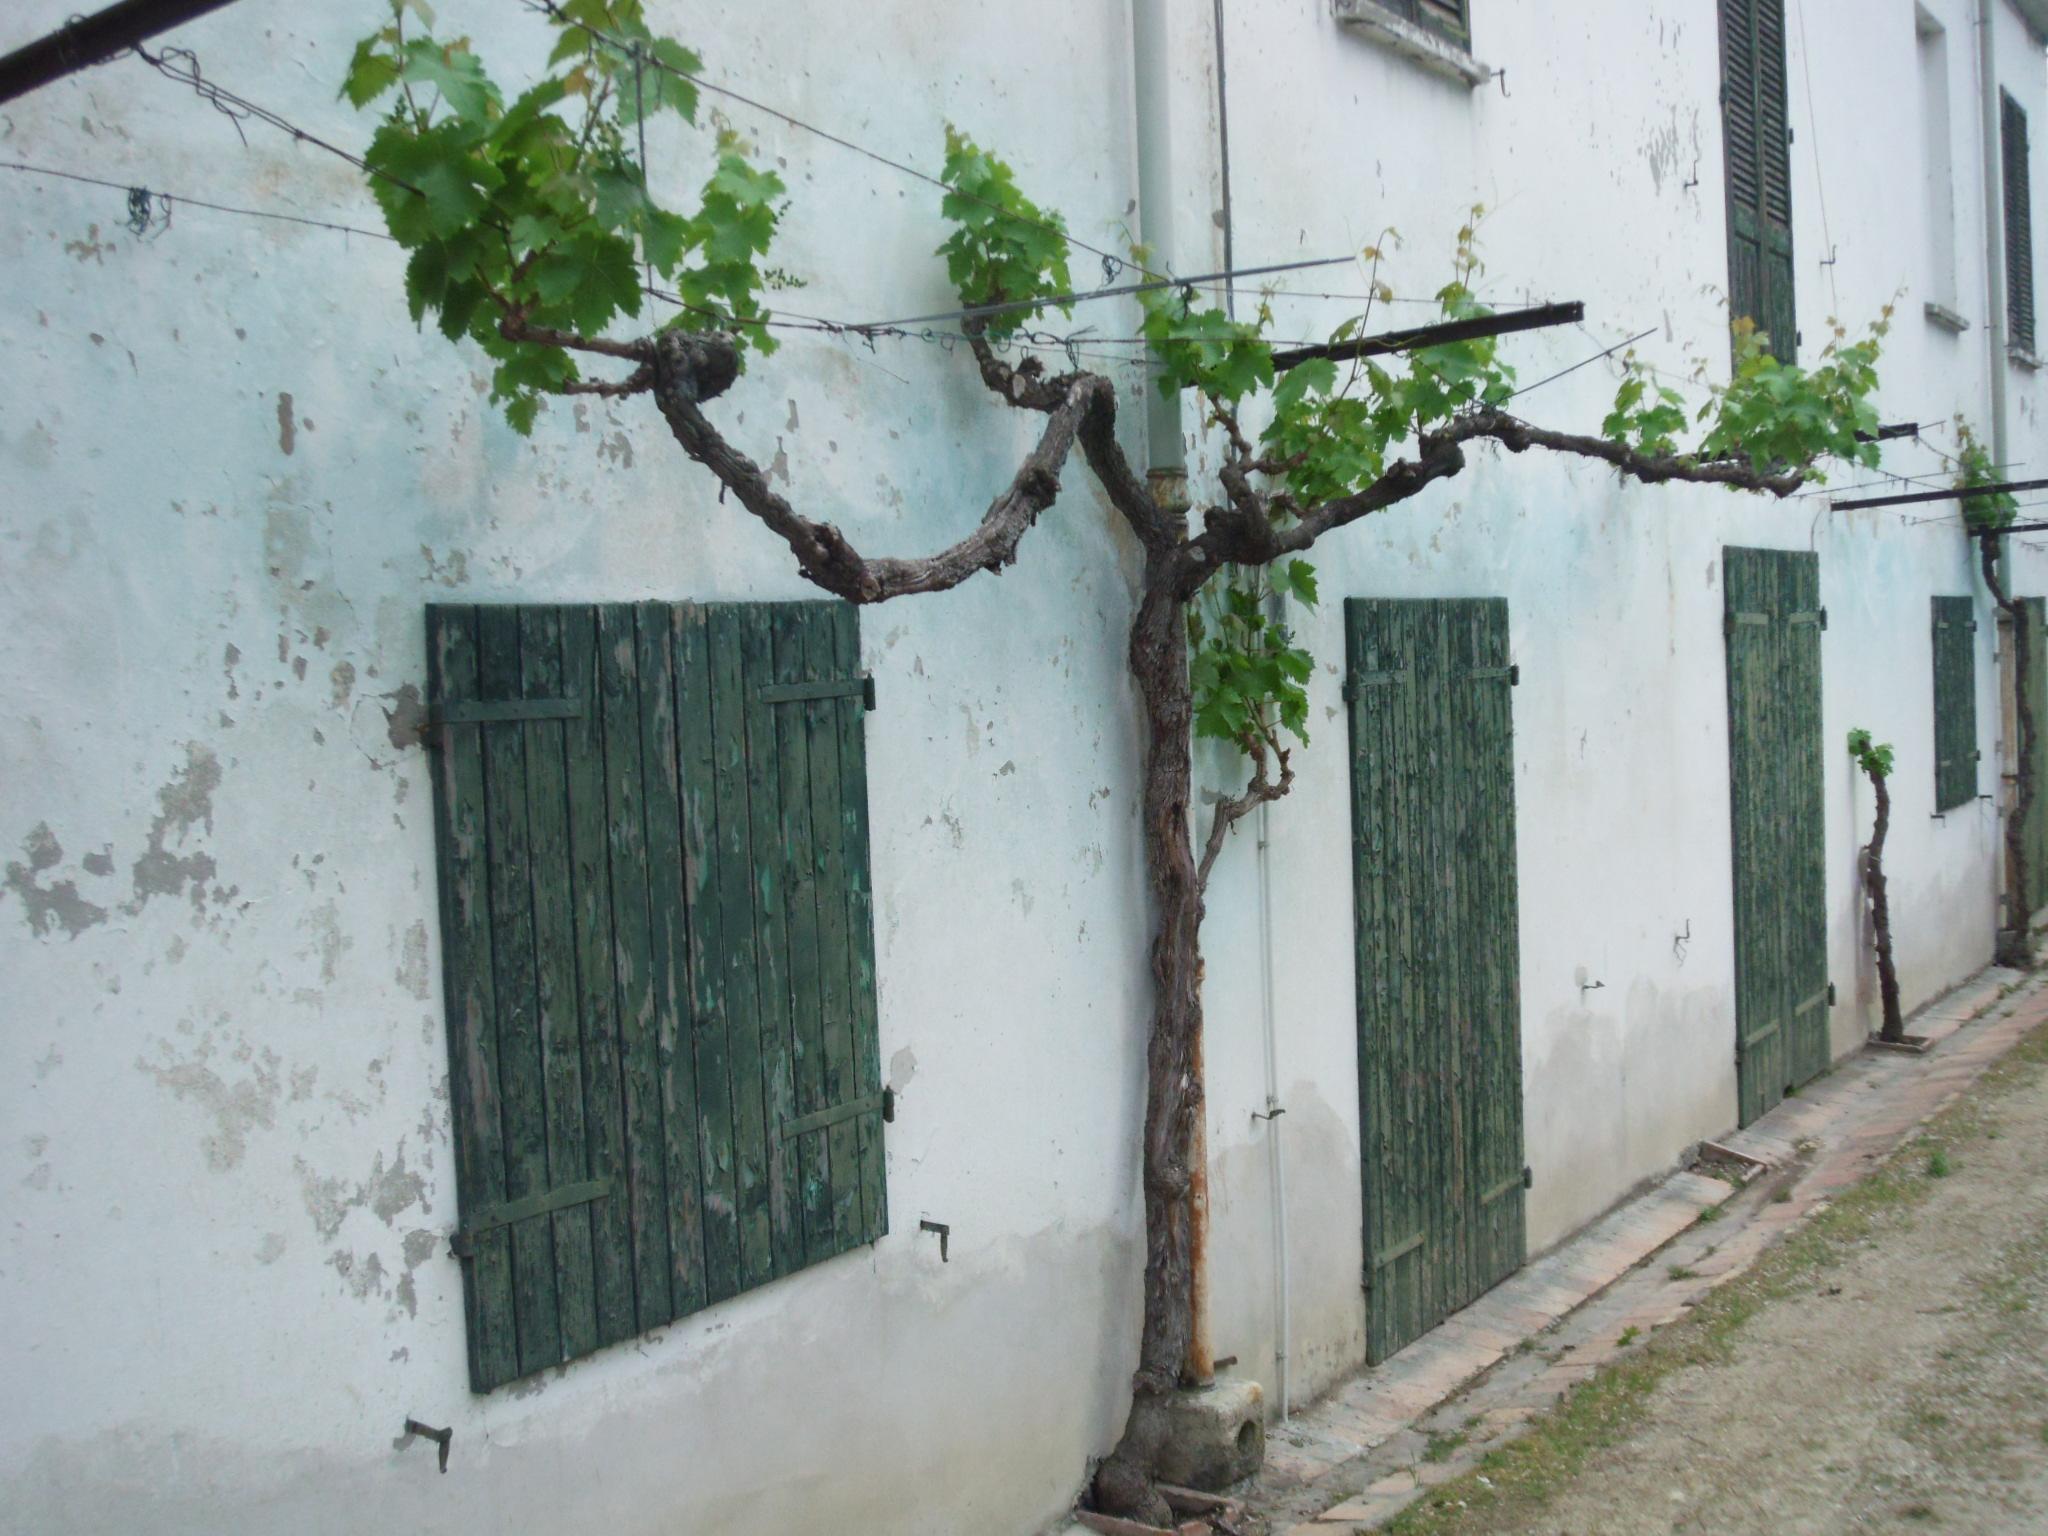 vigne attaccate alle case collina dei poeti